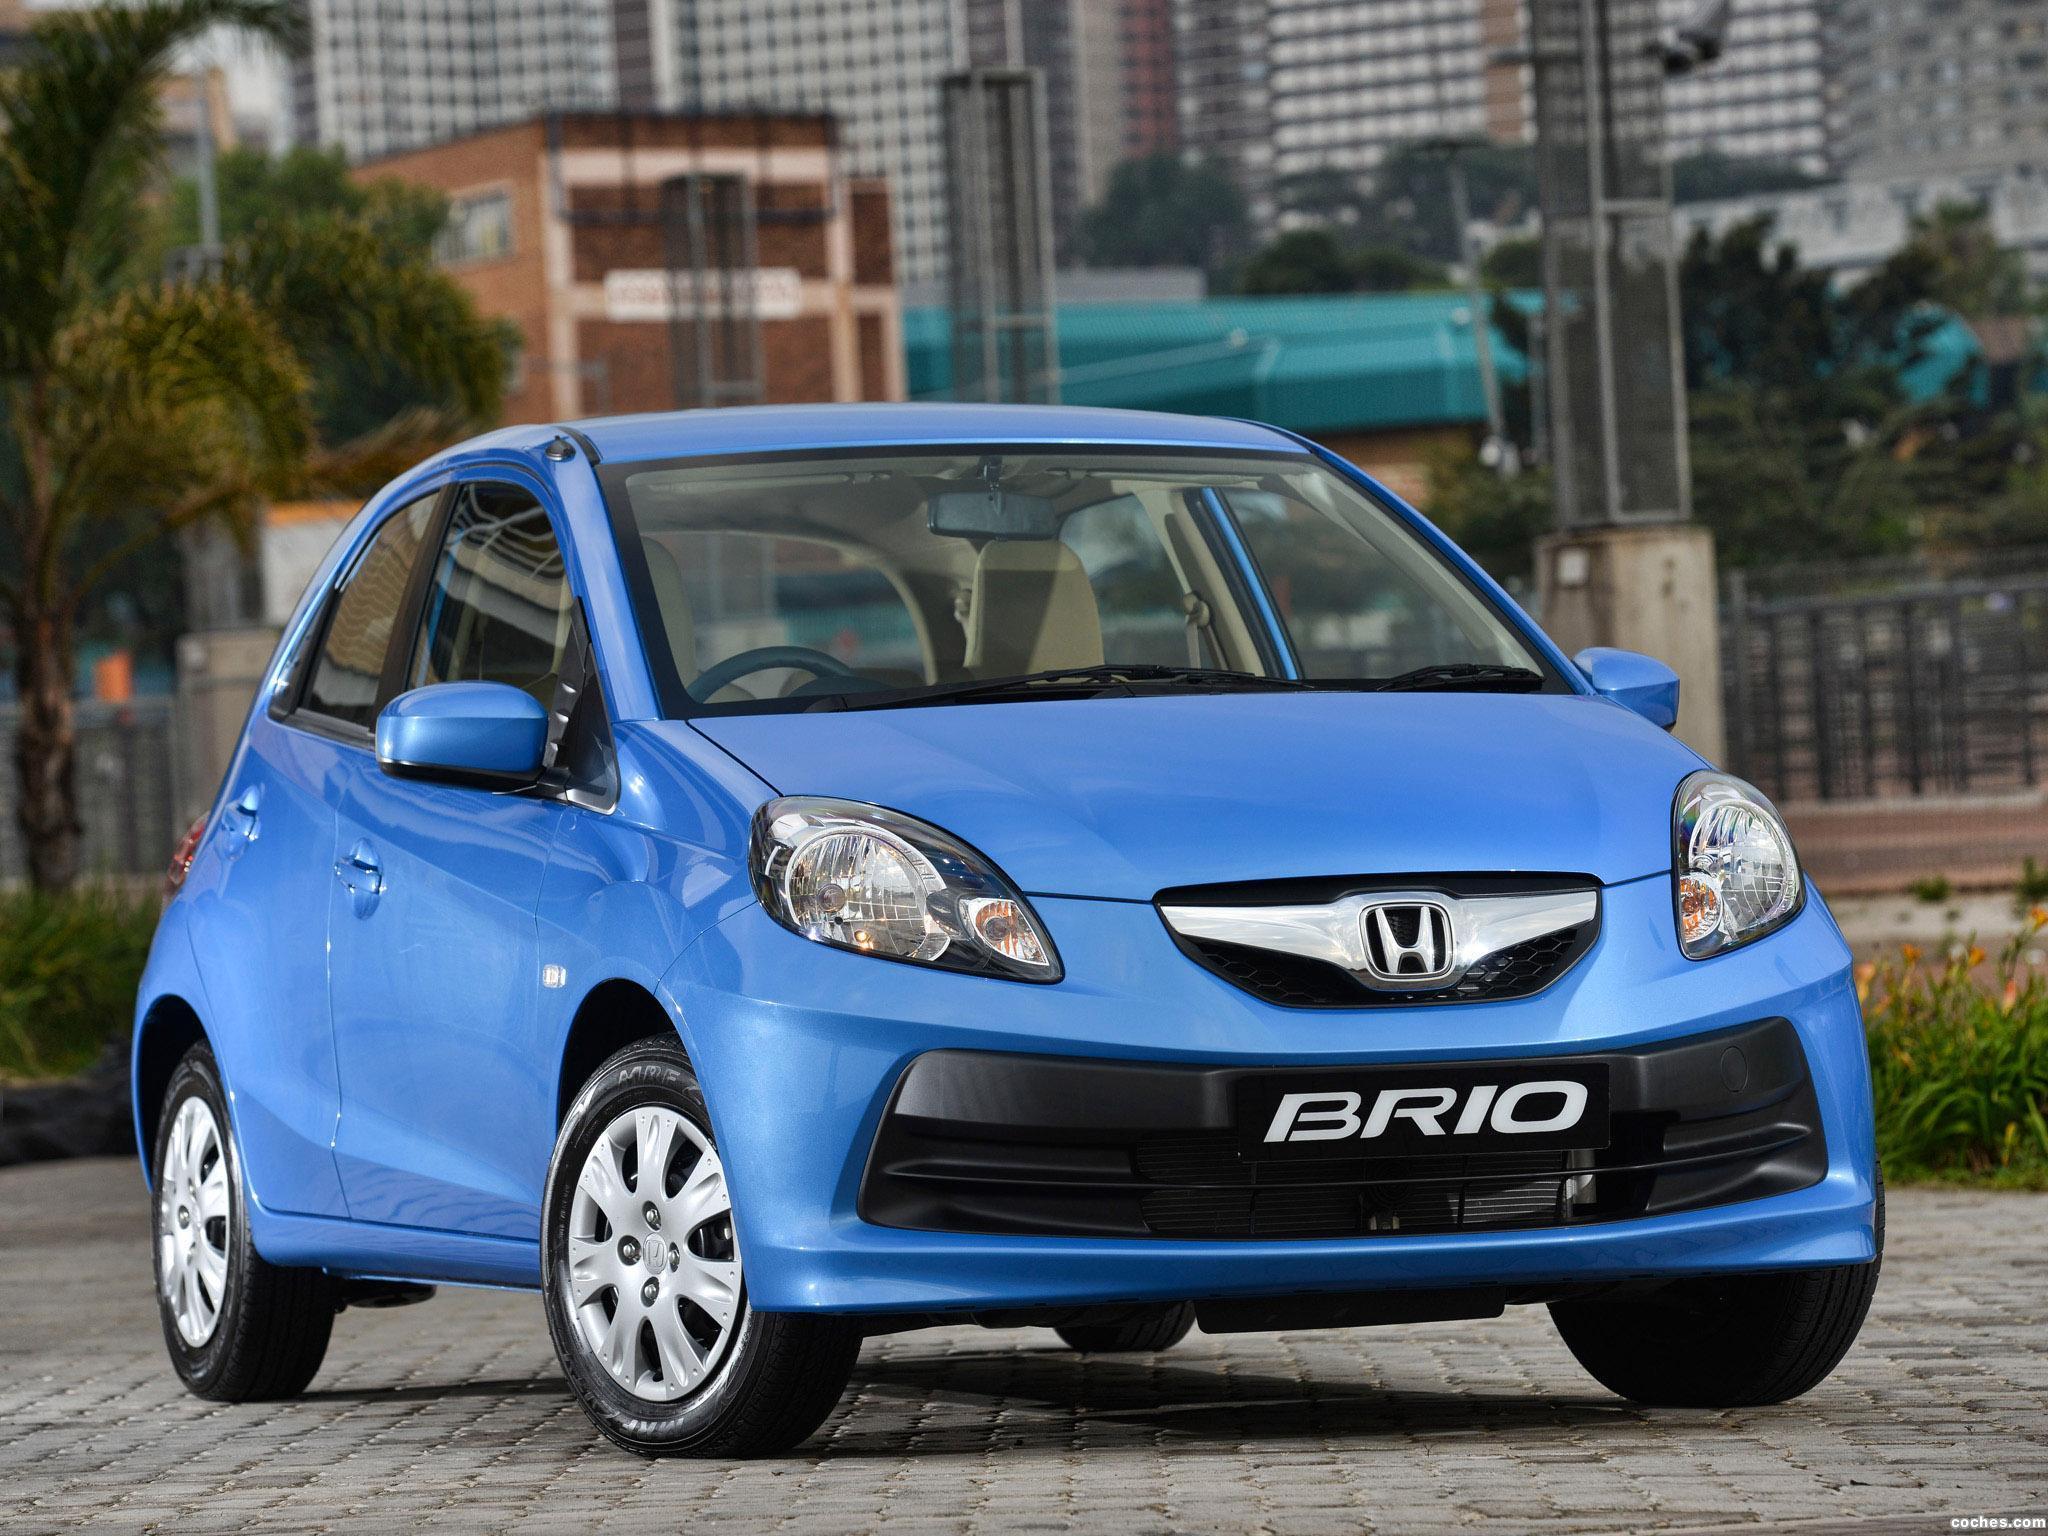 Foto 0 de Honda Brio 2012